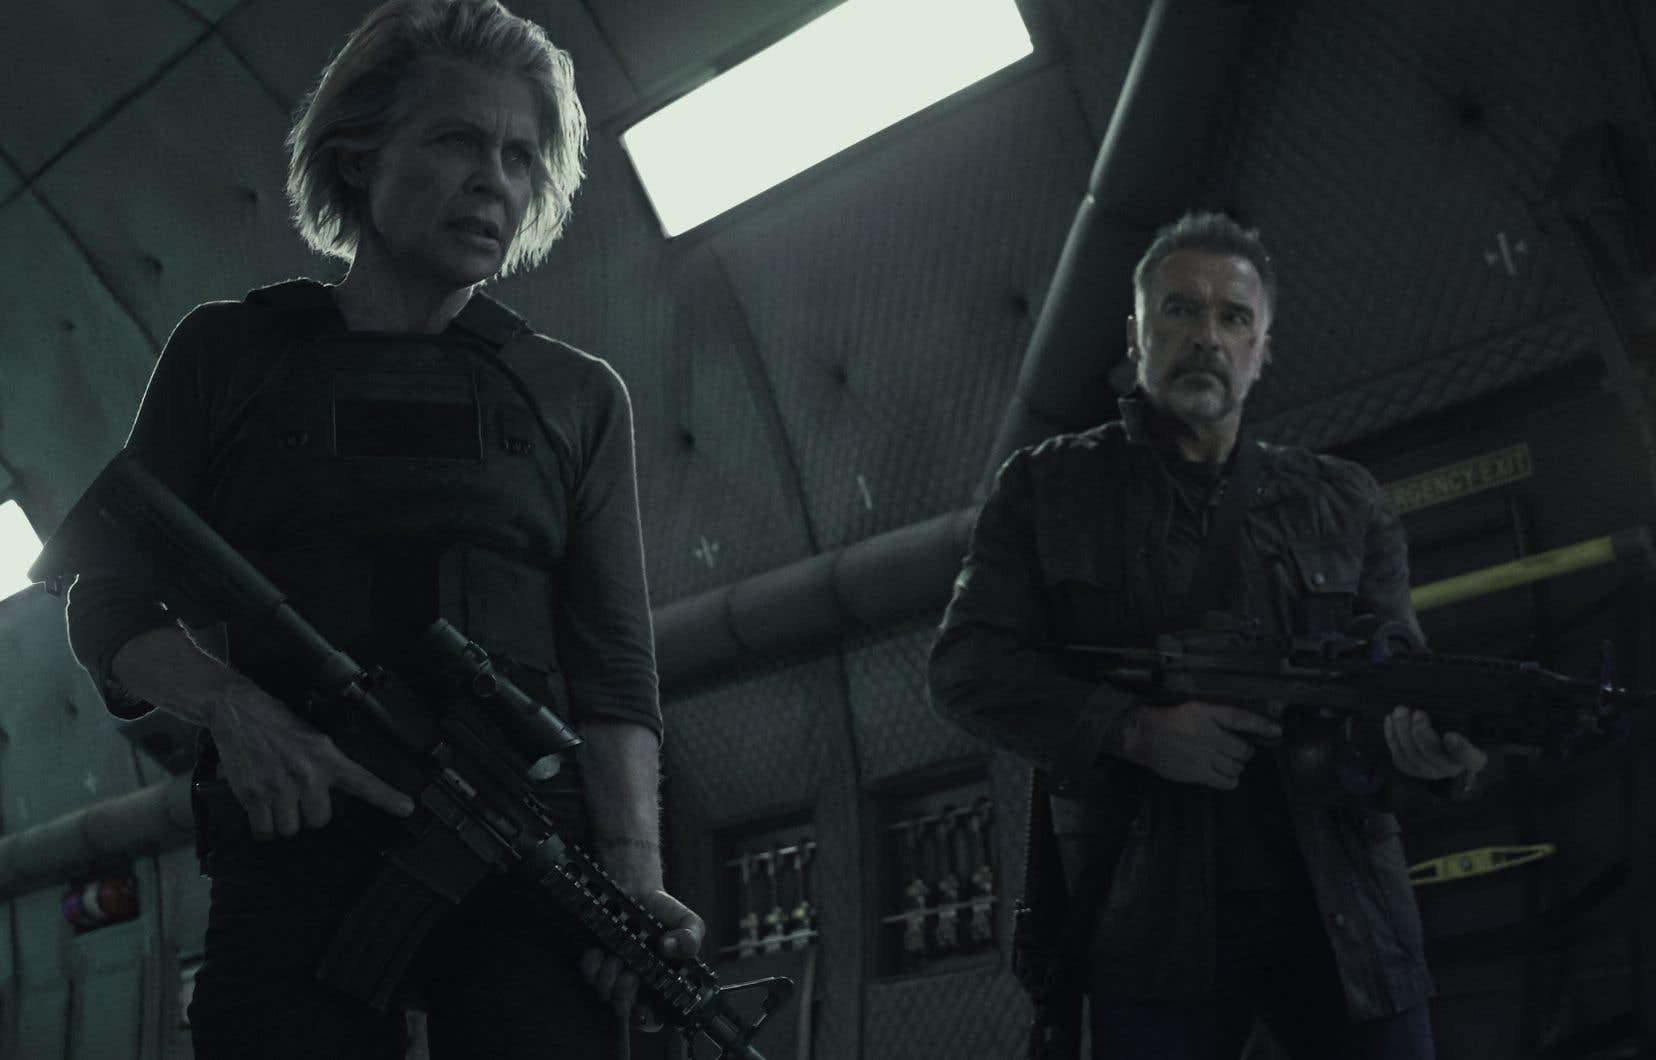 Linda Hamilton et Arnold Schwarzenegger reprennent respectivement les rôles de Sarah Connor, celle-là même qui a réécrit le futur et sauvé l'humanité, et du T-800, le meurtrier du fils de la première.